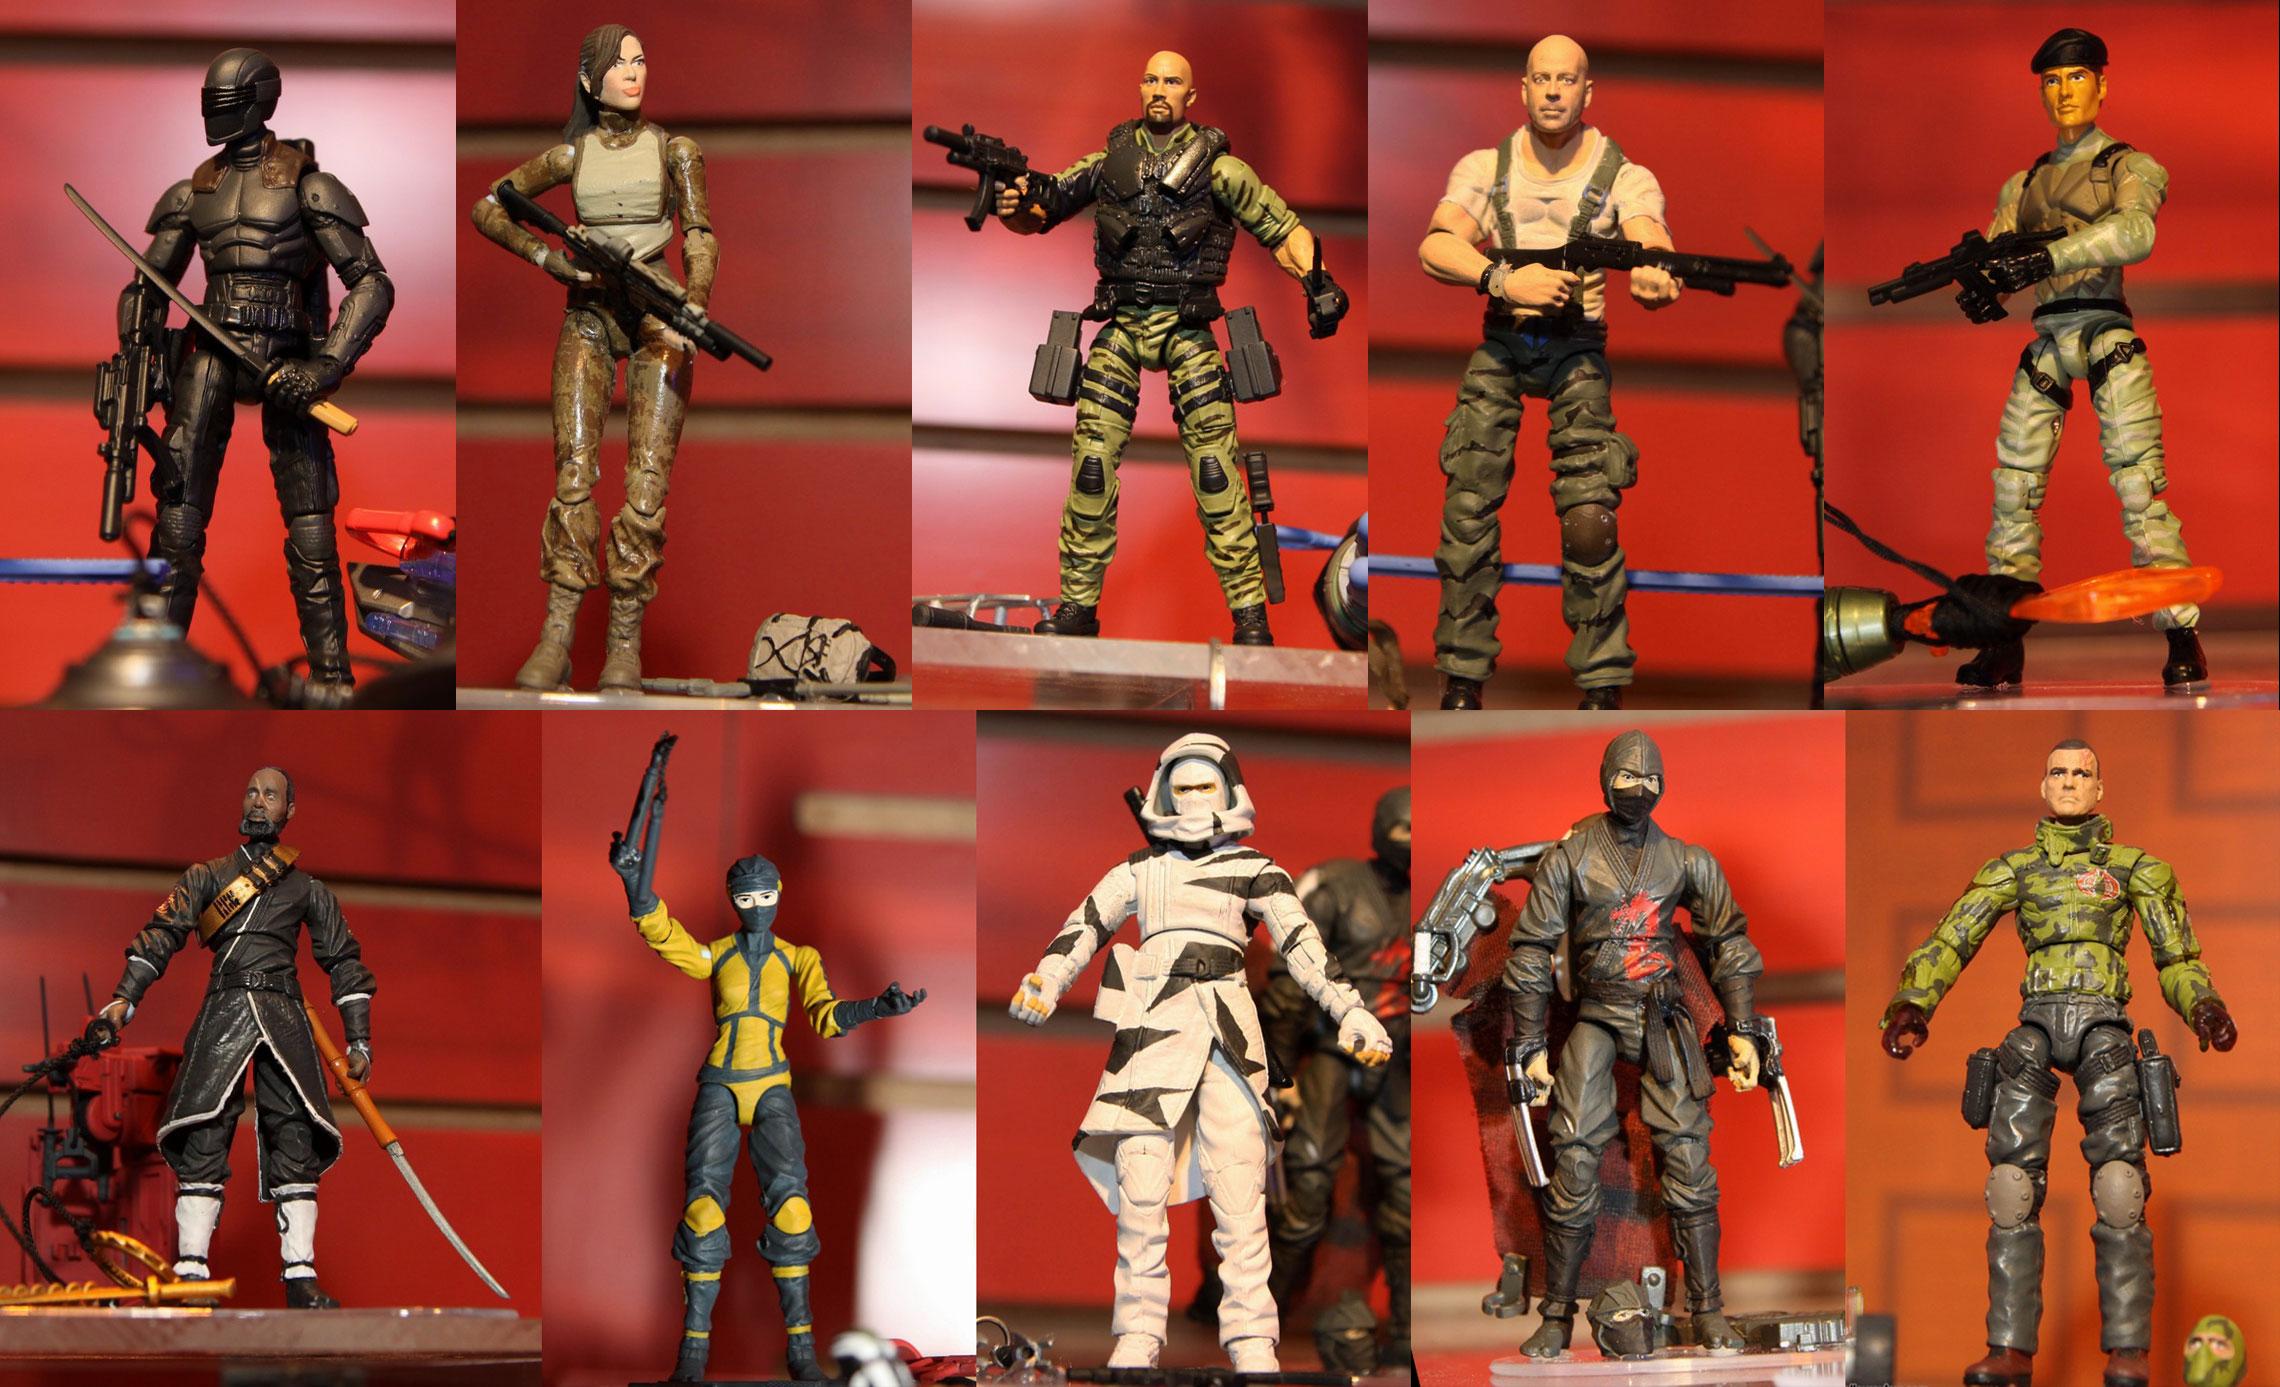 GI Joe Retaliation Toys